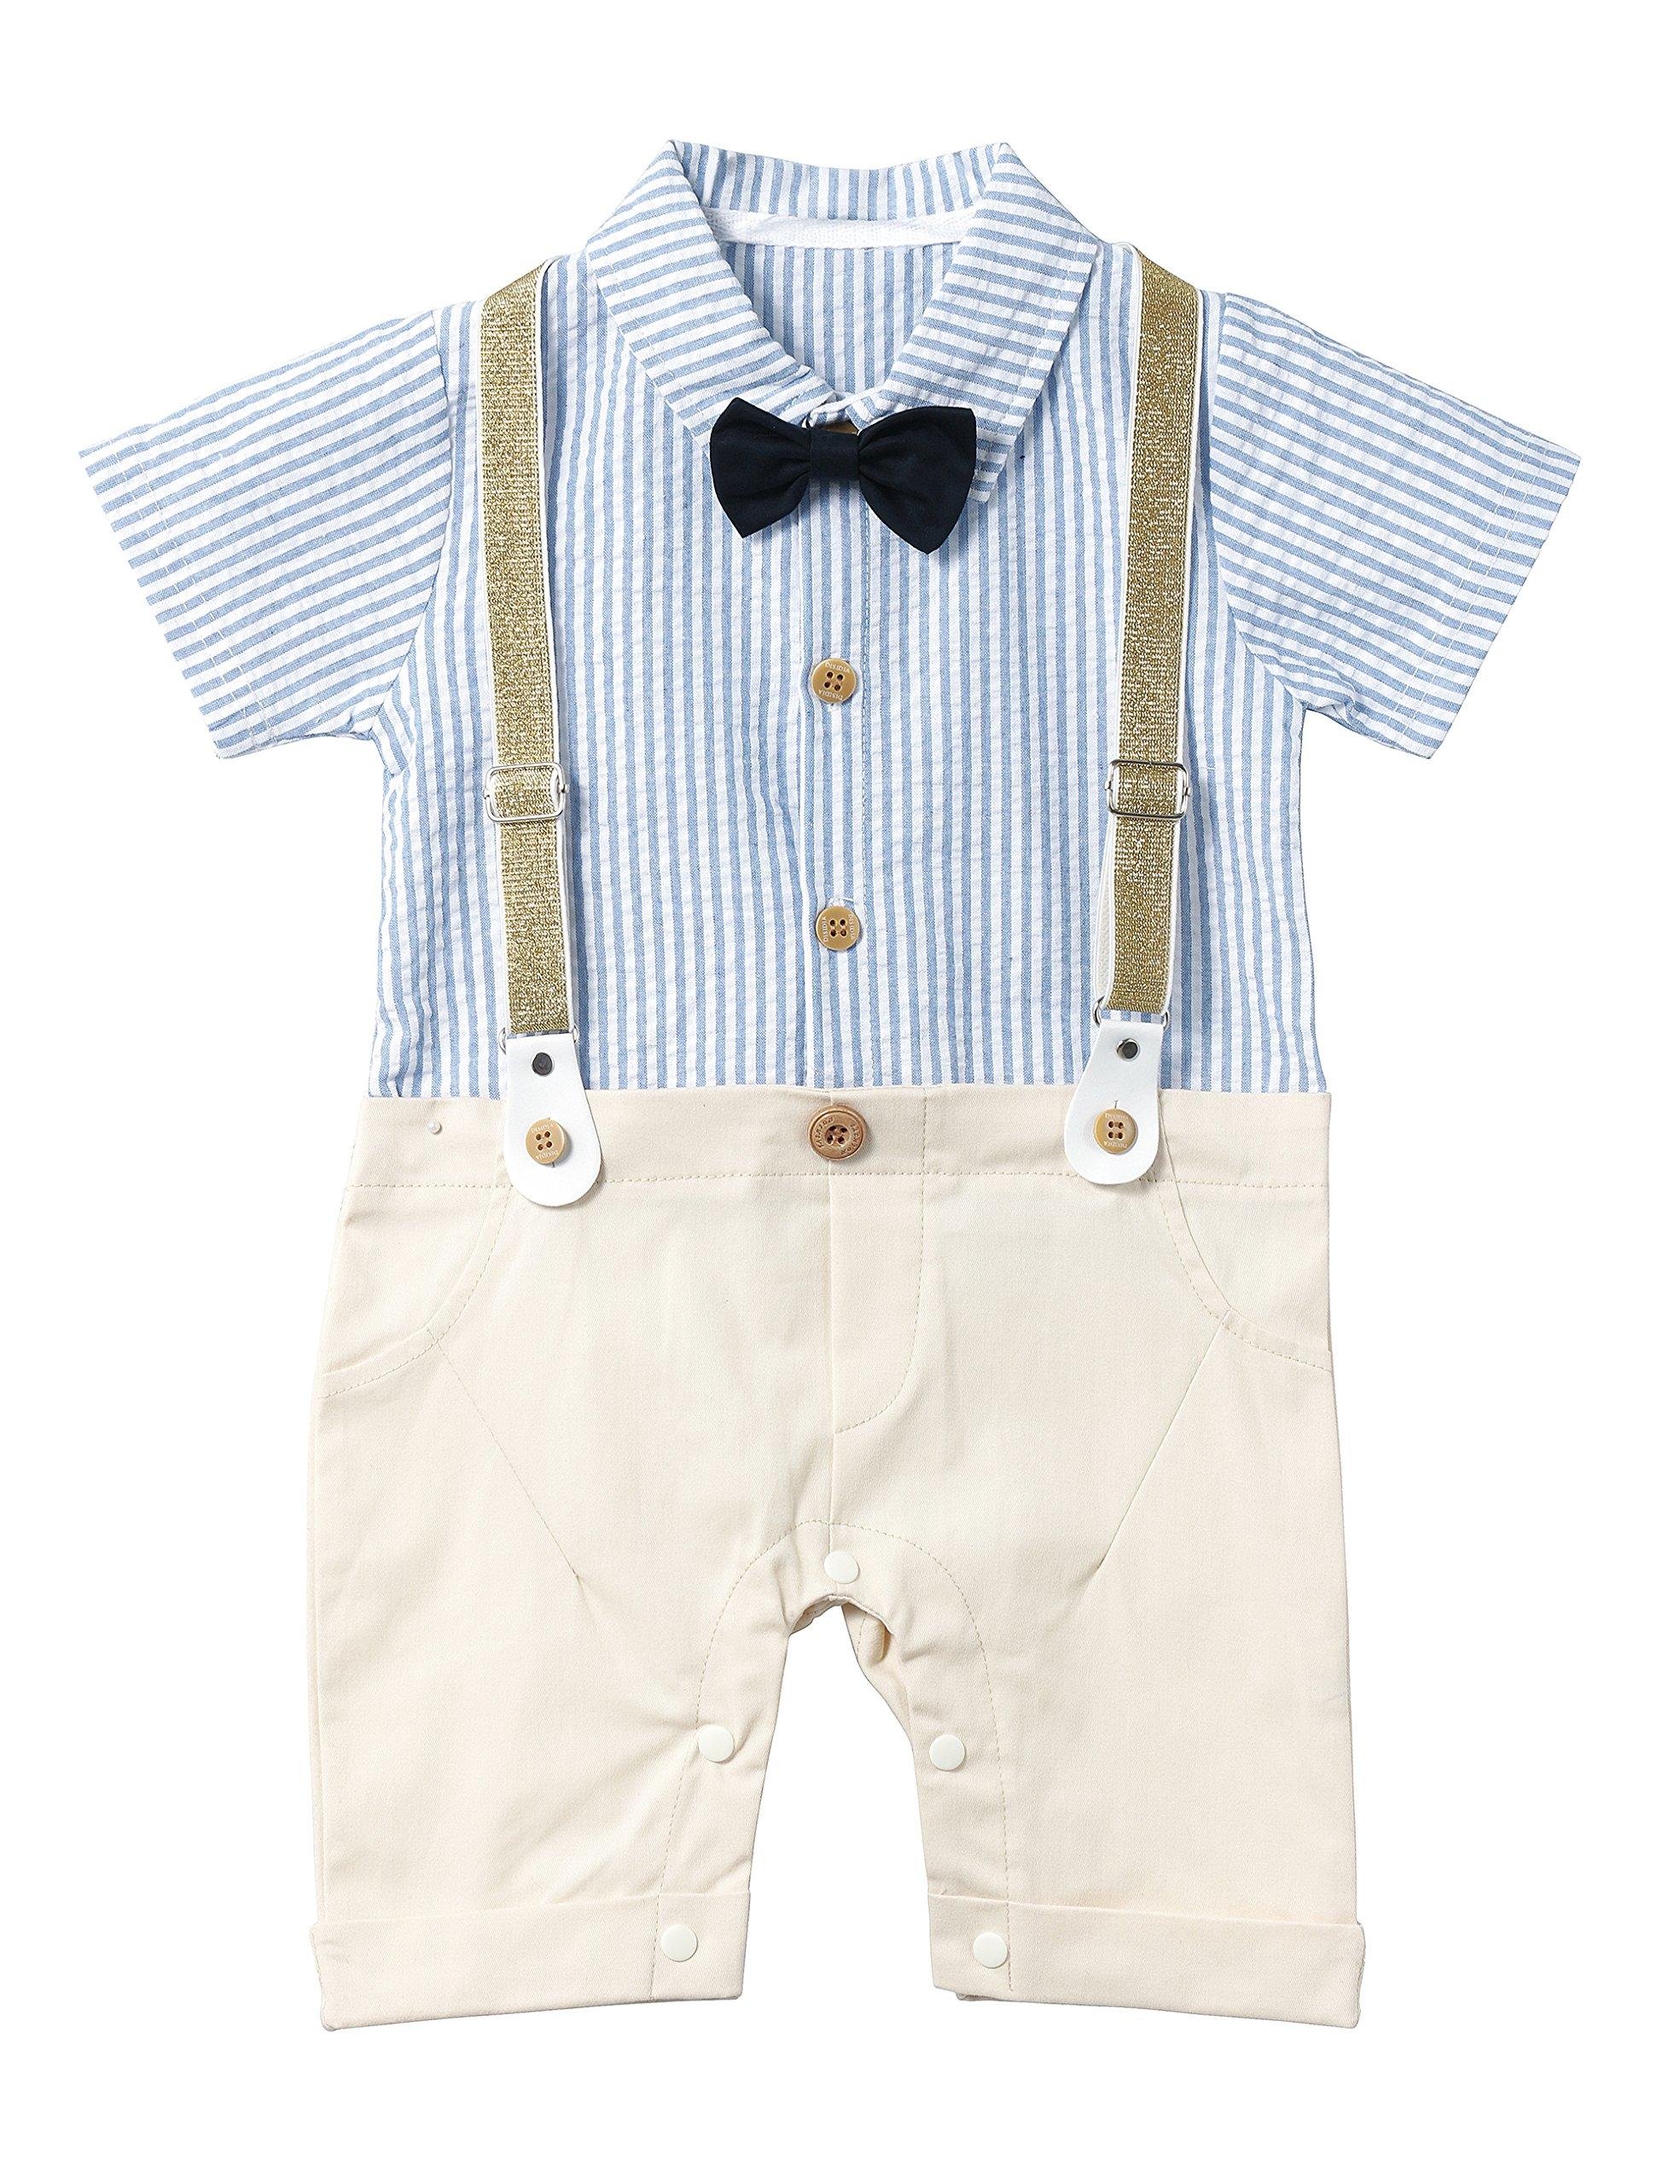 HeMa Island HMD Baby Boy Gentleman Blue Stripe Shirt Bowtie Tuxedo Onesie Jumpsuit Overall Romper(0-18M) (Blue, 70 (3-6months))